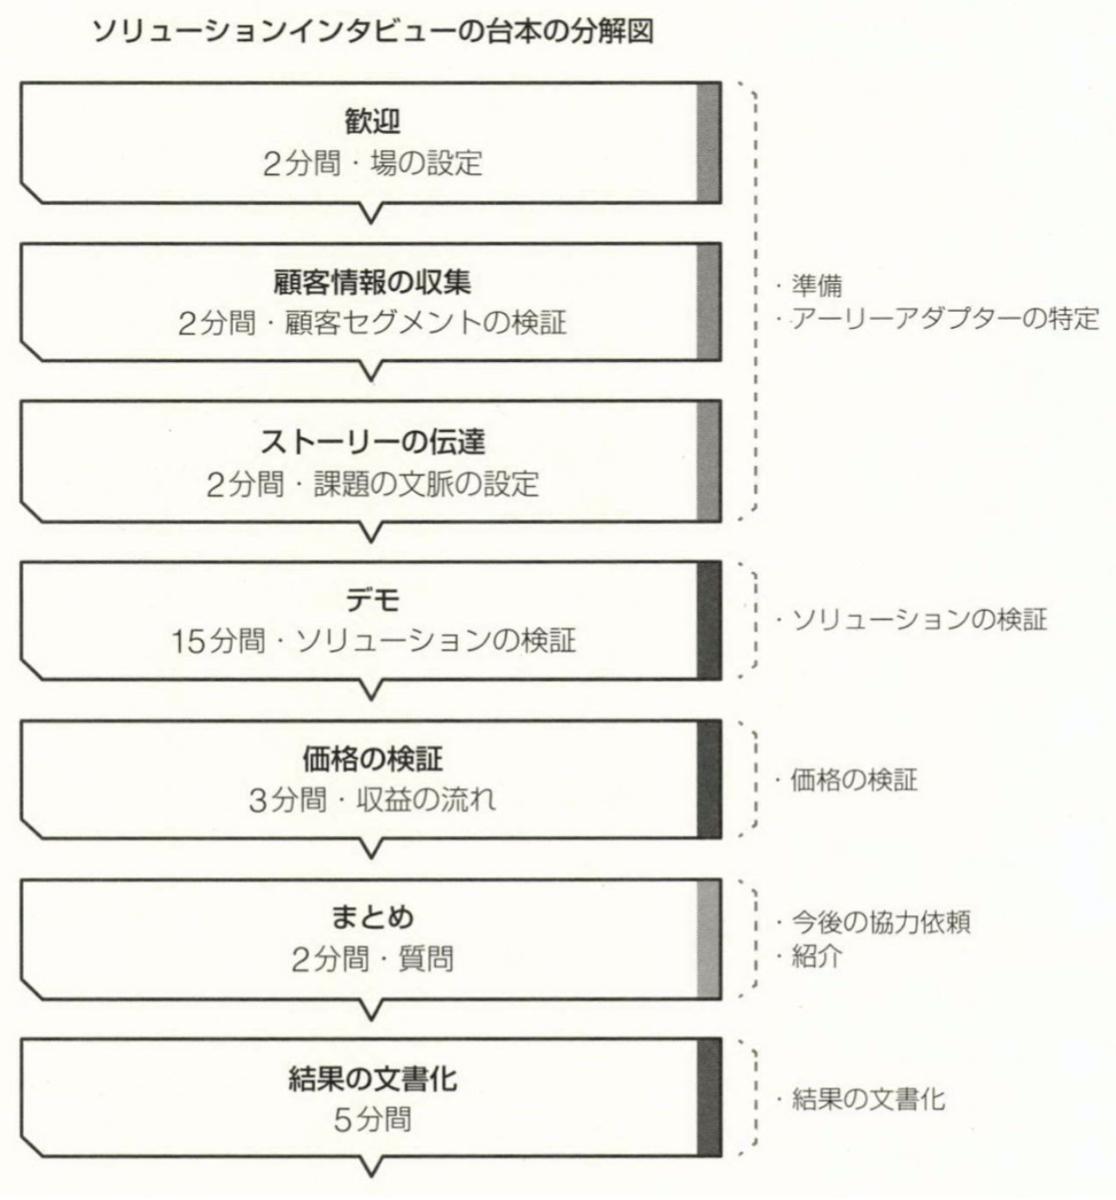 f:id:yuzutas0:20210322220734p:plain:w200